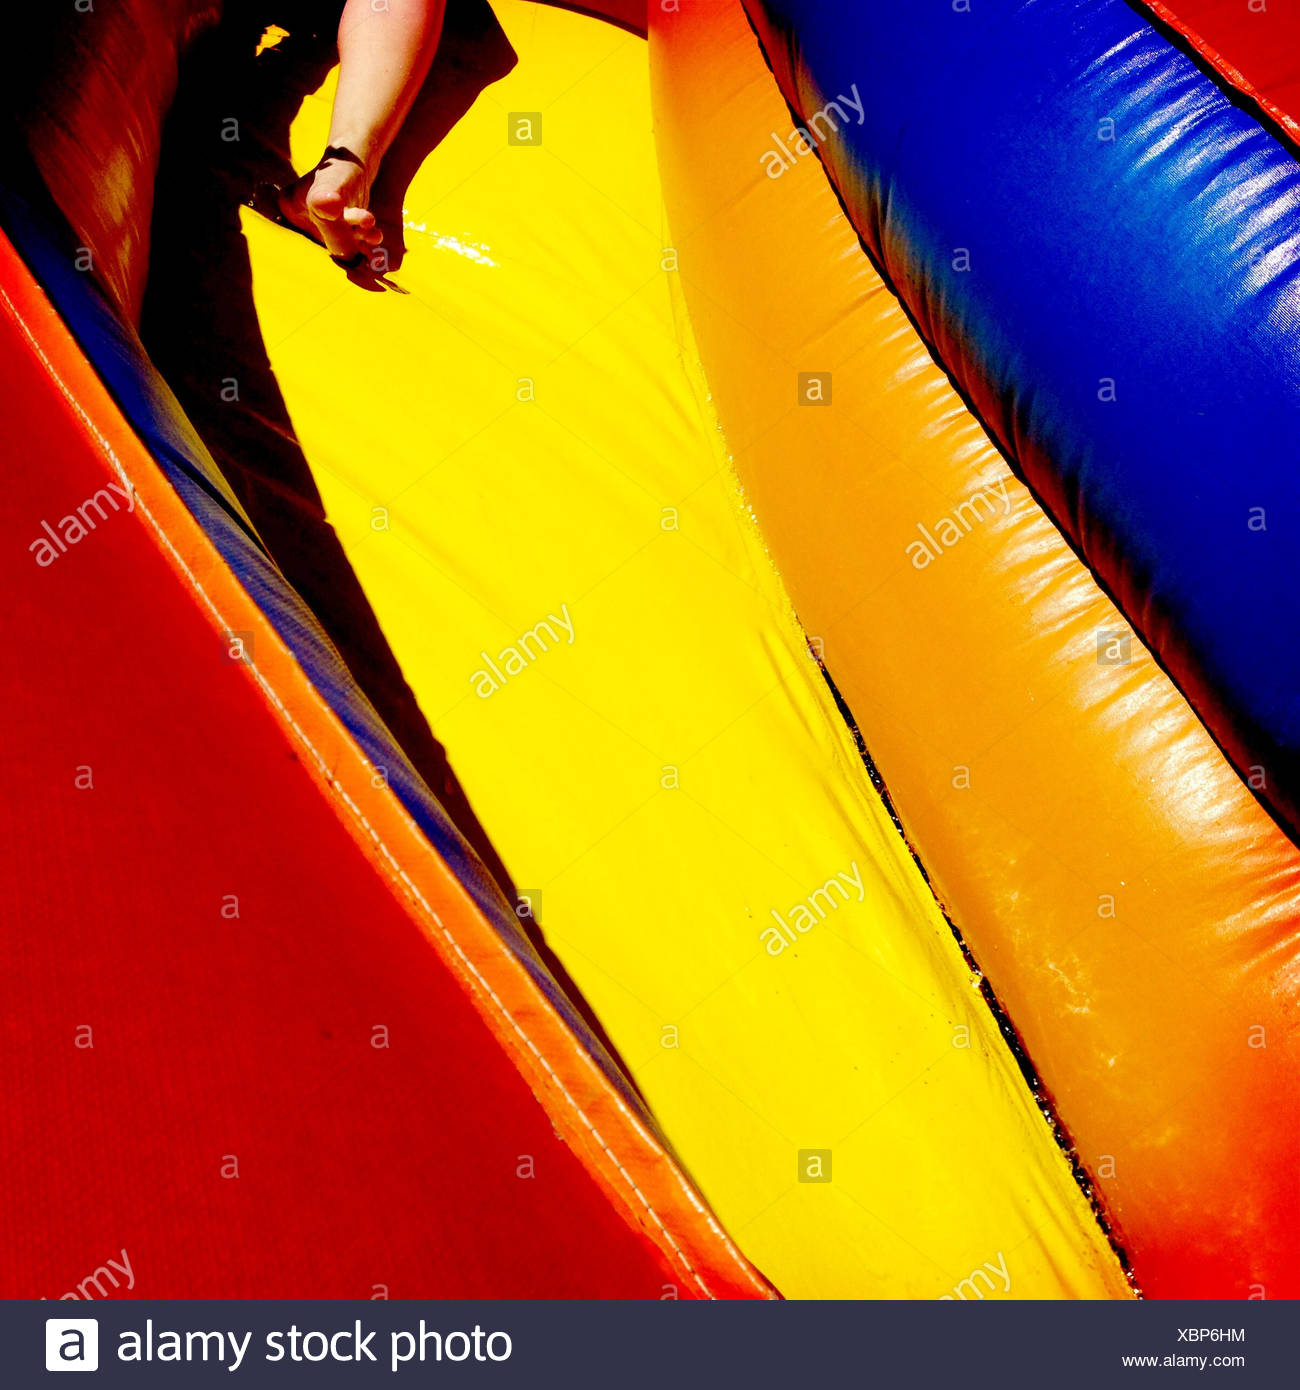 Les jambes de la personne glisser vers le bas au bord de l'eau coloré Photo Stock